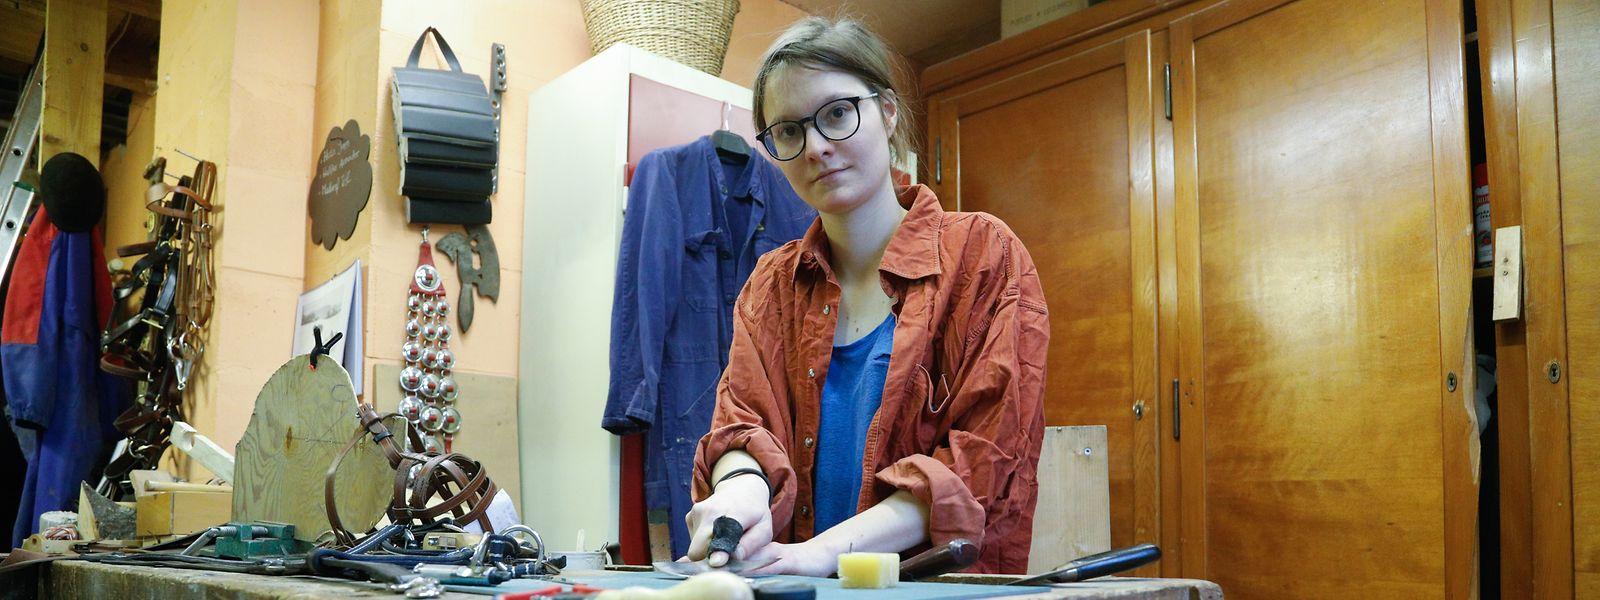 In den Räumen der Leederwon asbl in Betzdorf hat Monique Back sich eine kleine Werkstatt eingerichtet.